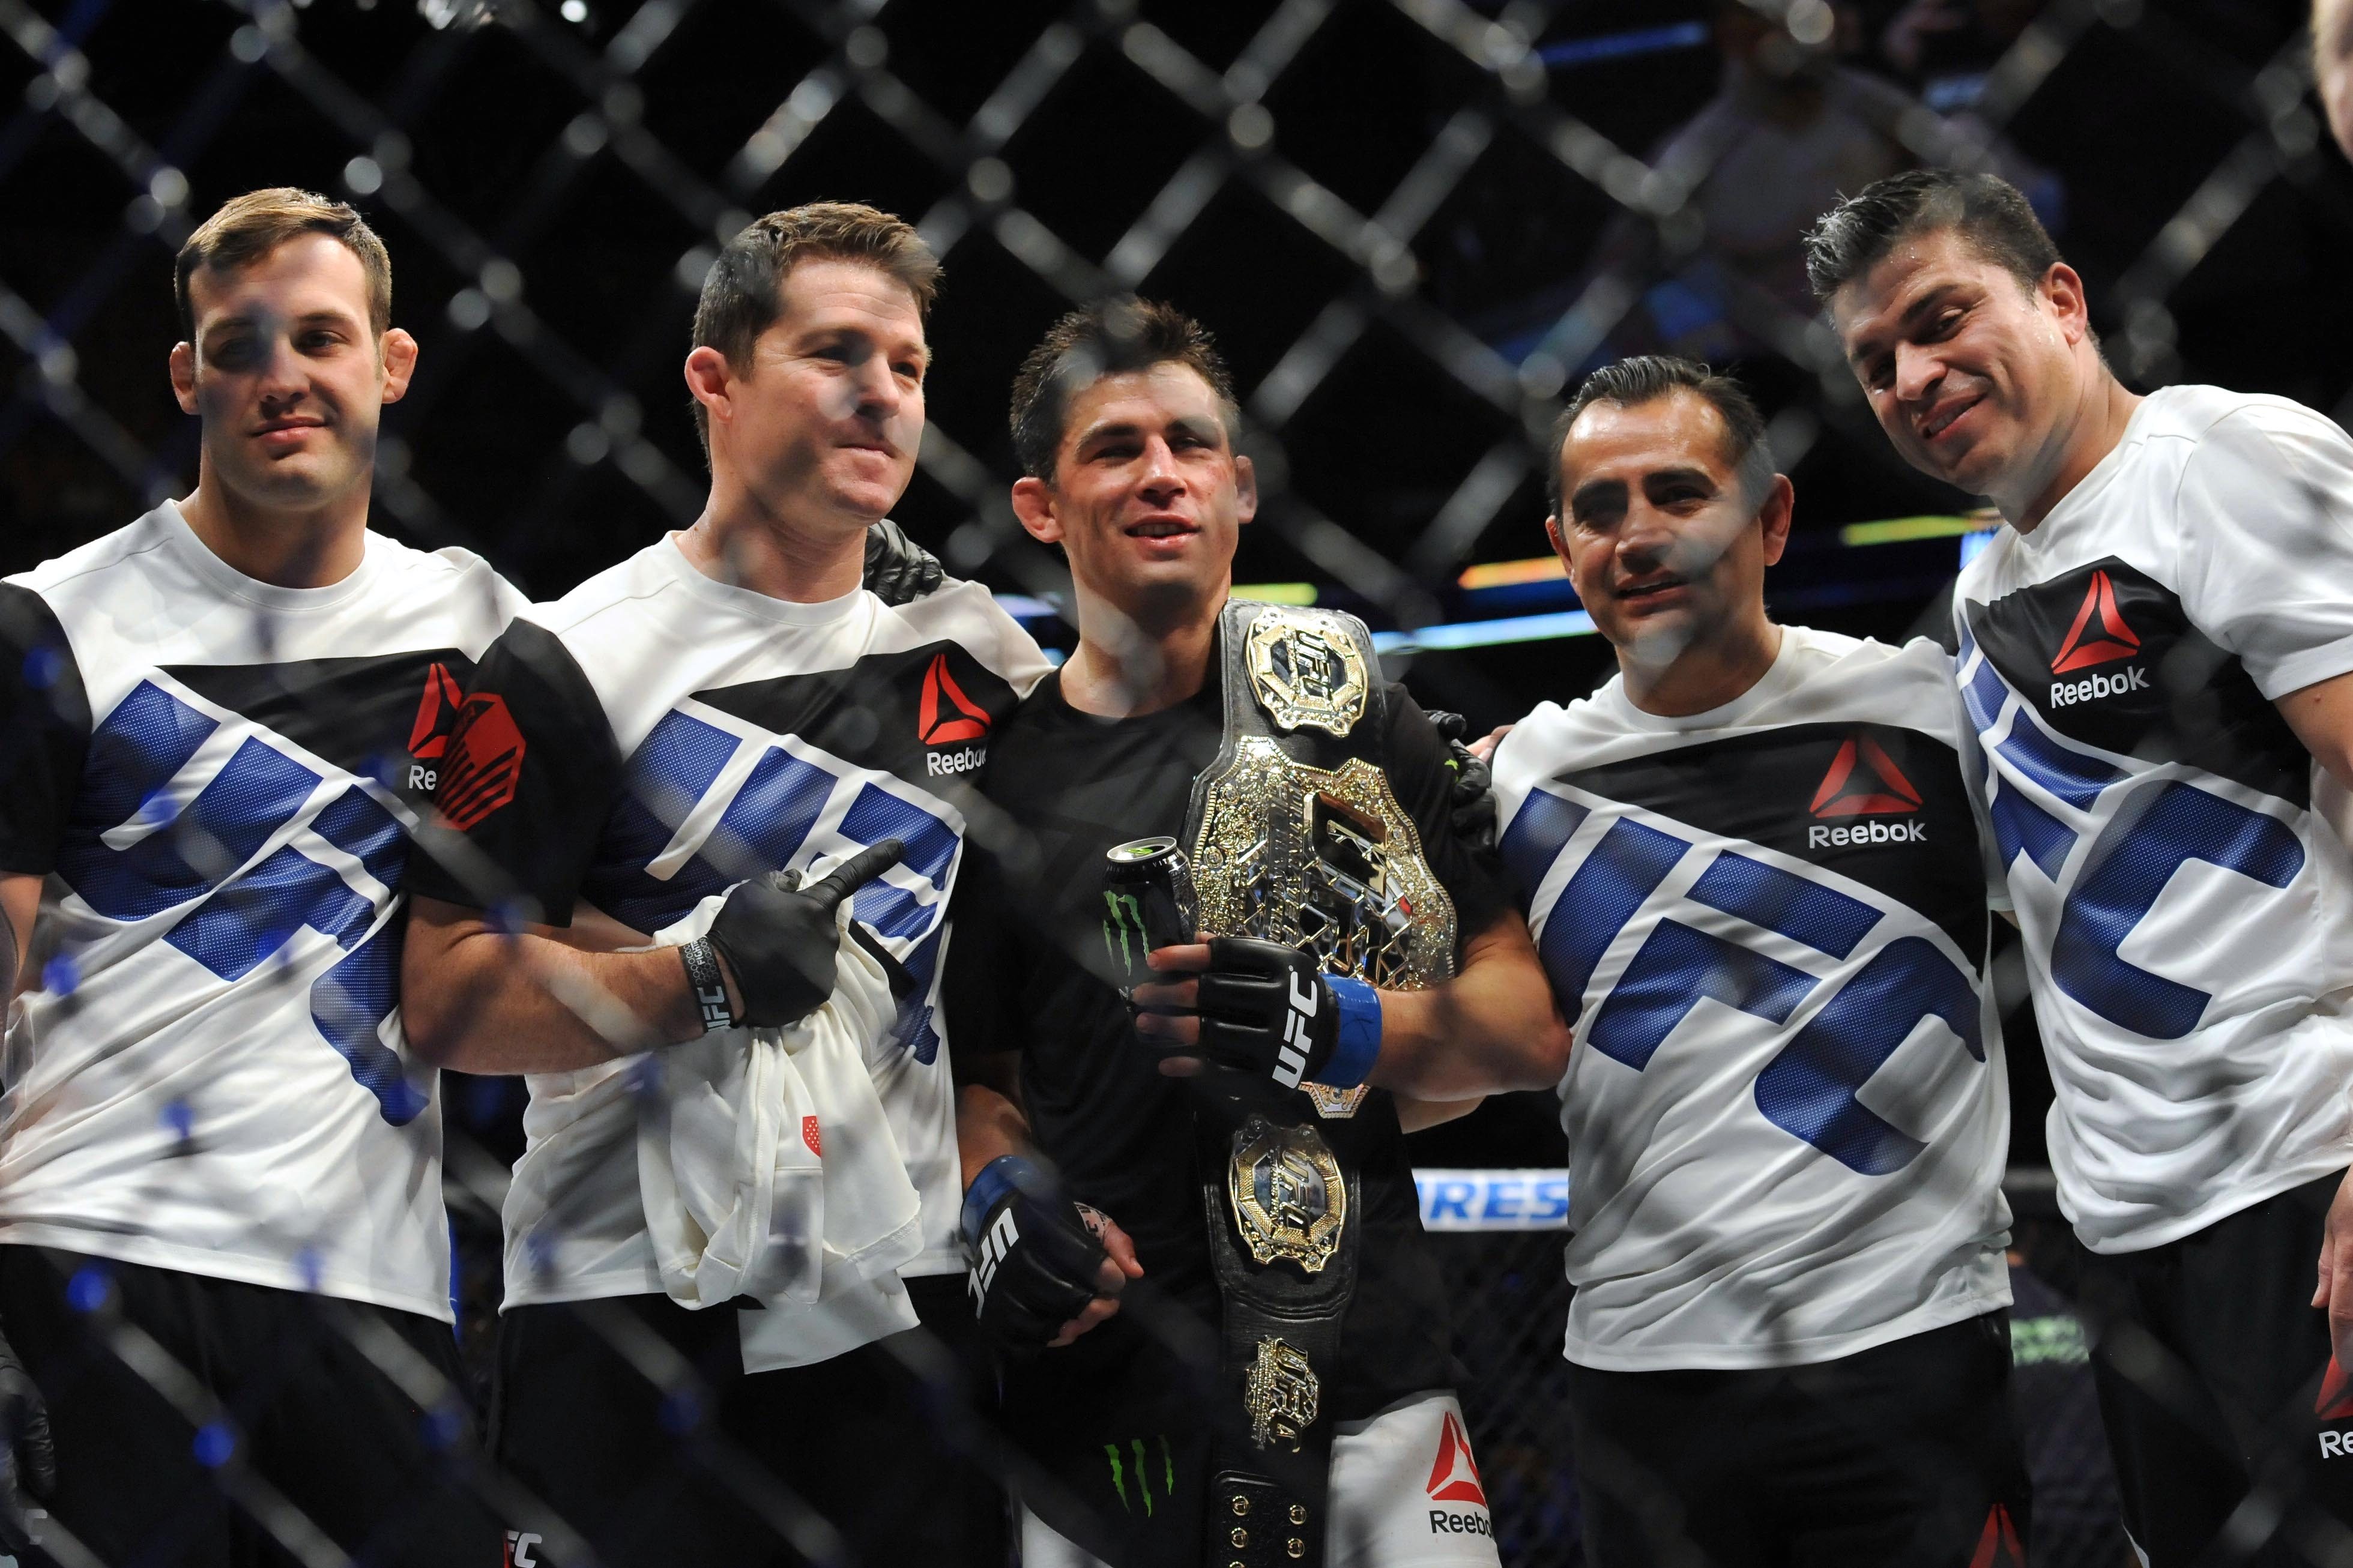 MMA: UFC Fight Night-Dillashaw vs Cruz